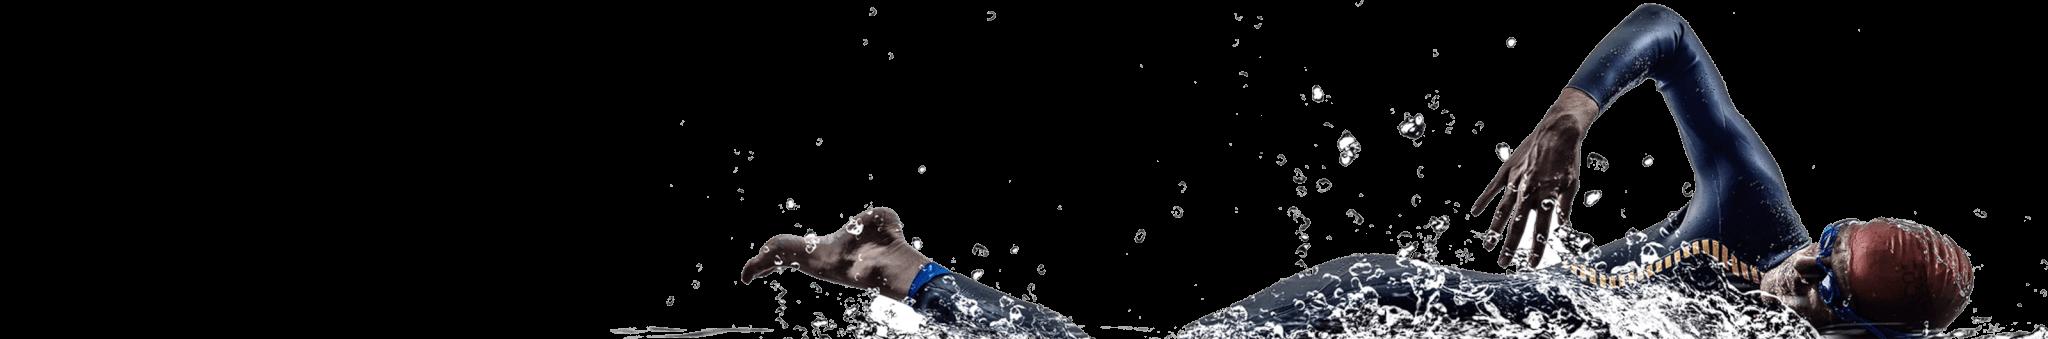 https://kenilworthmasters.co.uk/wp-content/uploads/2017/10/inner_swimmer.png